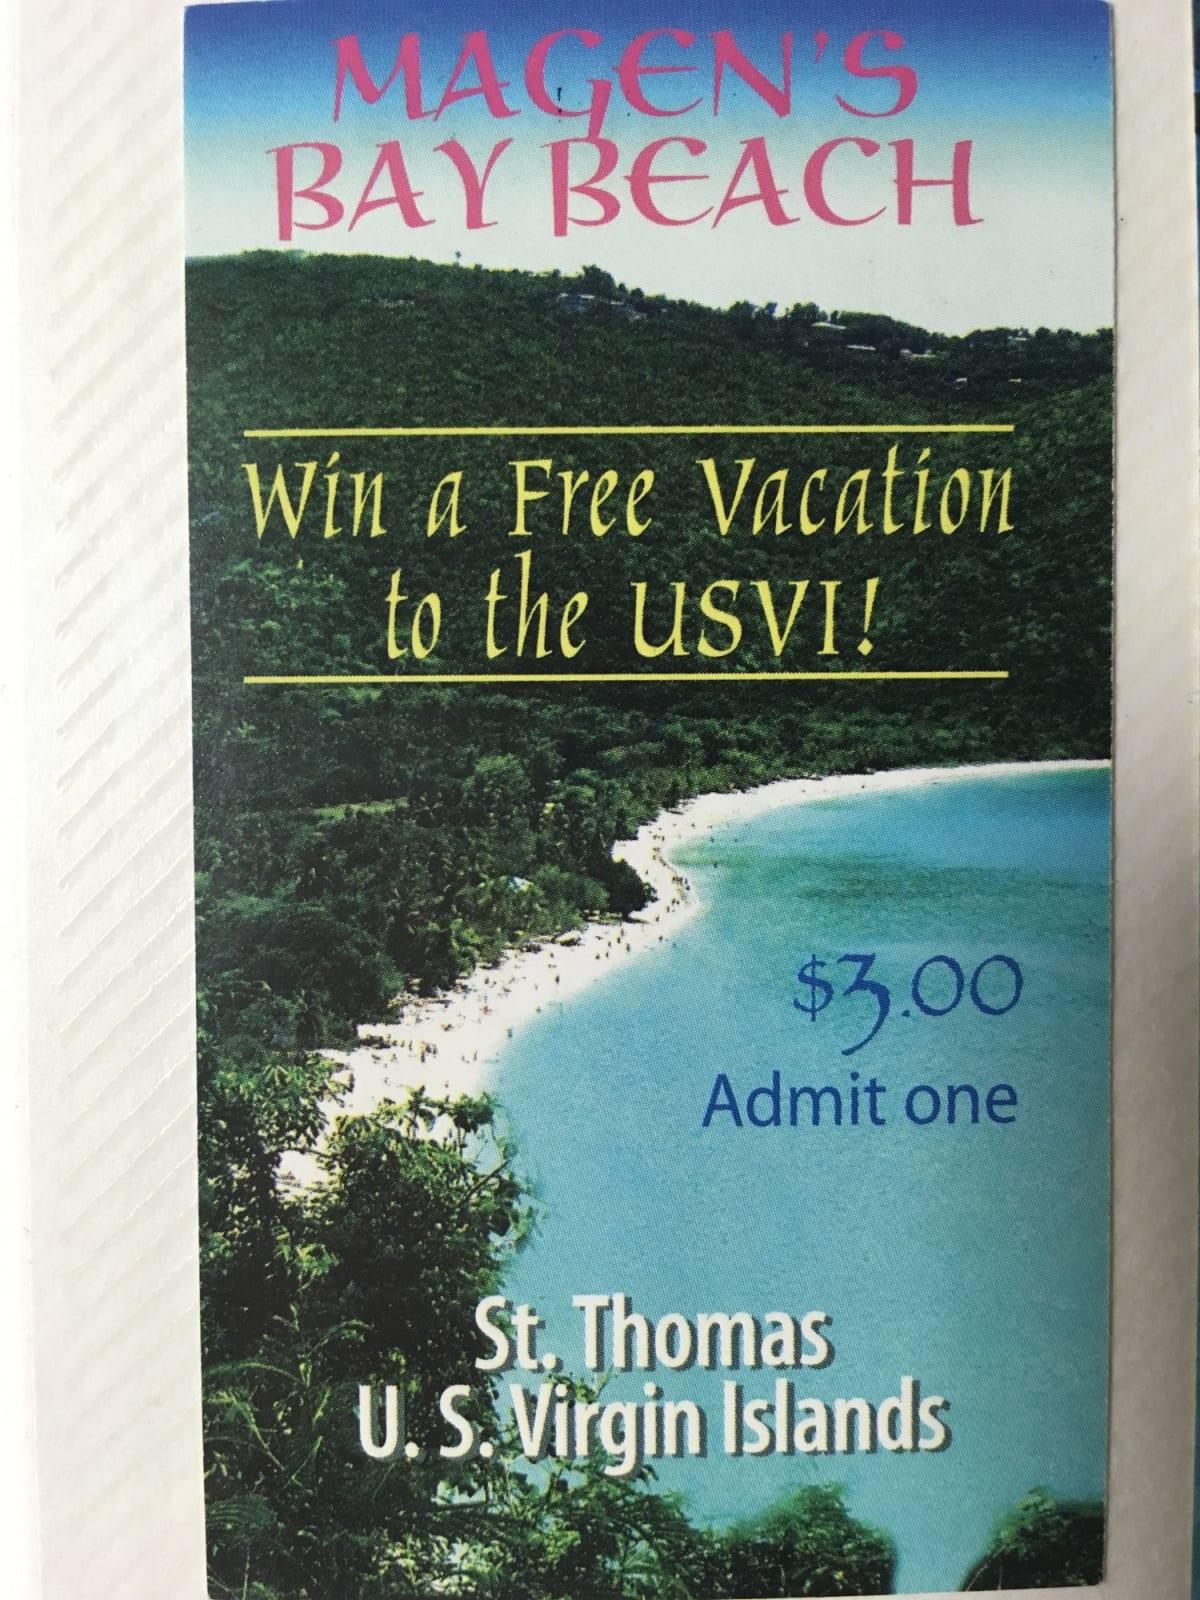 ビーチの入場券 | シャーロット・アマリー(セント・トーマス島)